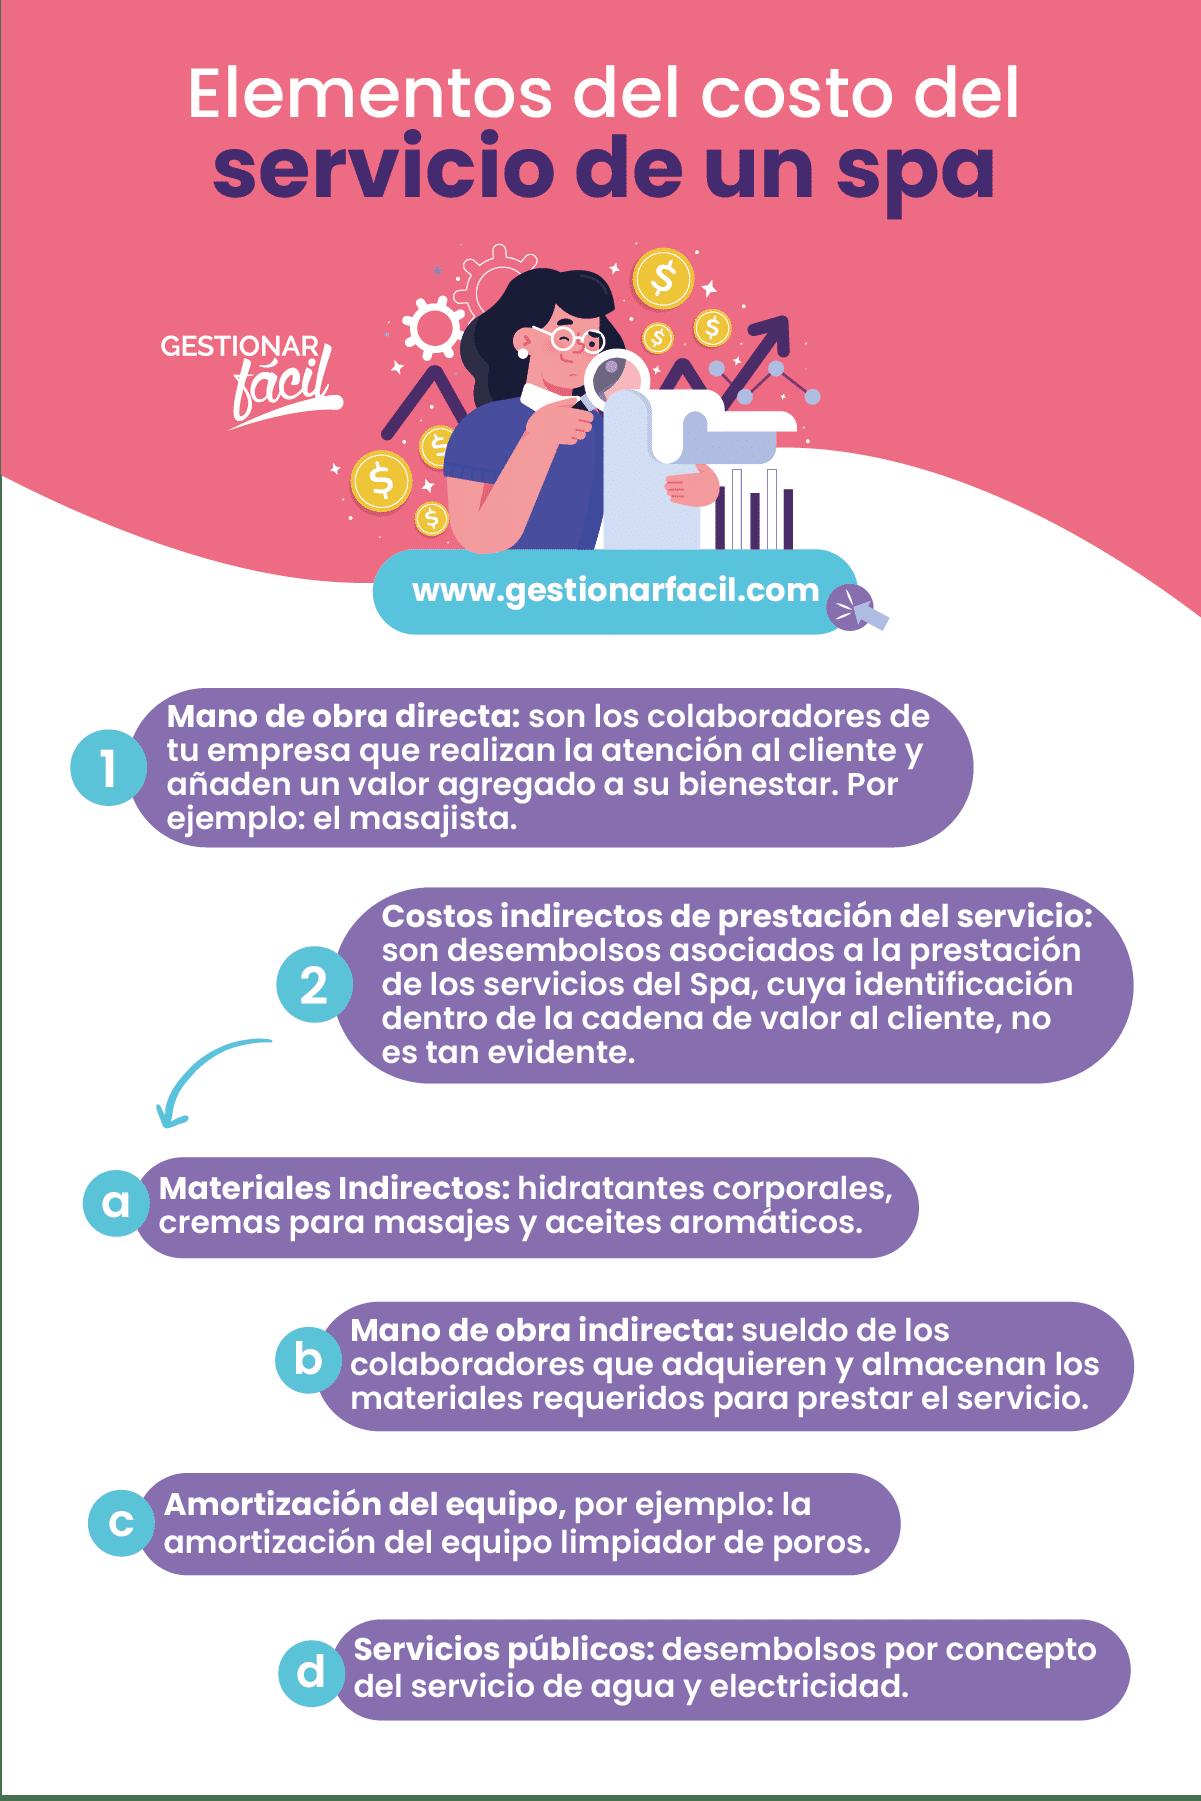 Elementos del costo del servicio de un spa.